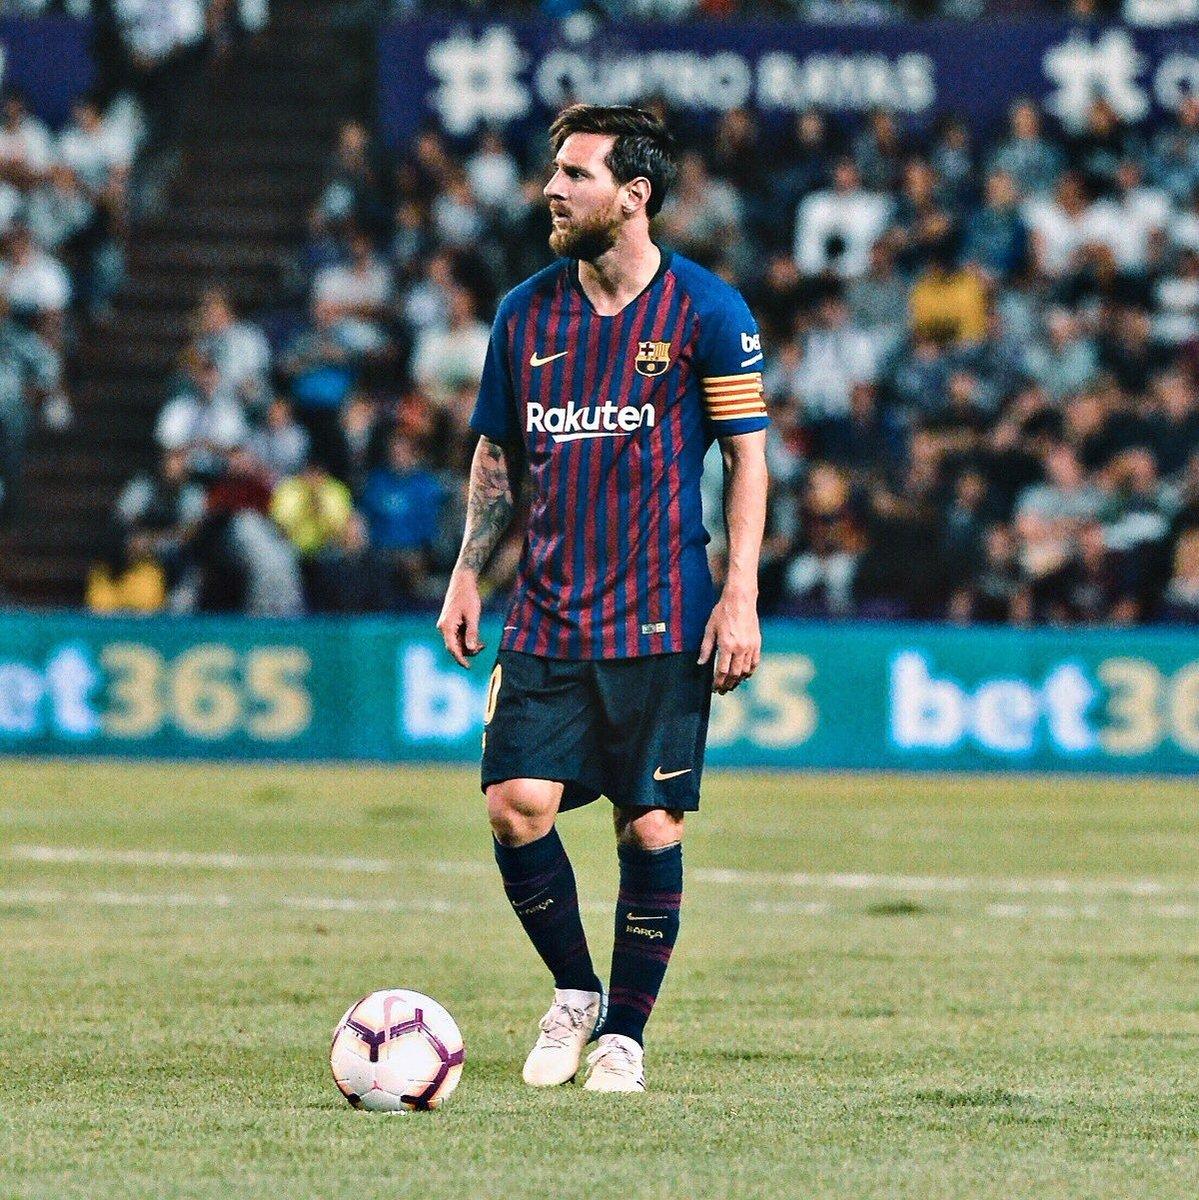 Messi un jugador un crack el mejor de la historia quizá no inventó la chilena tampoco la rabona pero si tú llevas el corazón en la sangre la única palabra que estará en tu mente sera las palabras Messi,Messi #Messi #ForçaBarça #Visçabarça